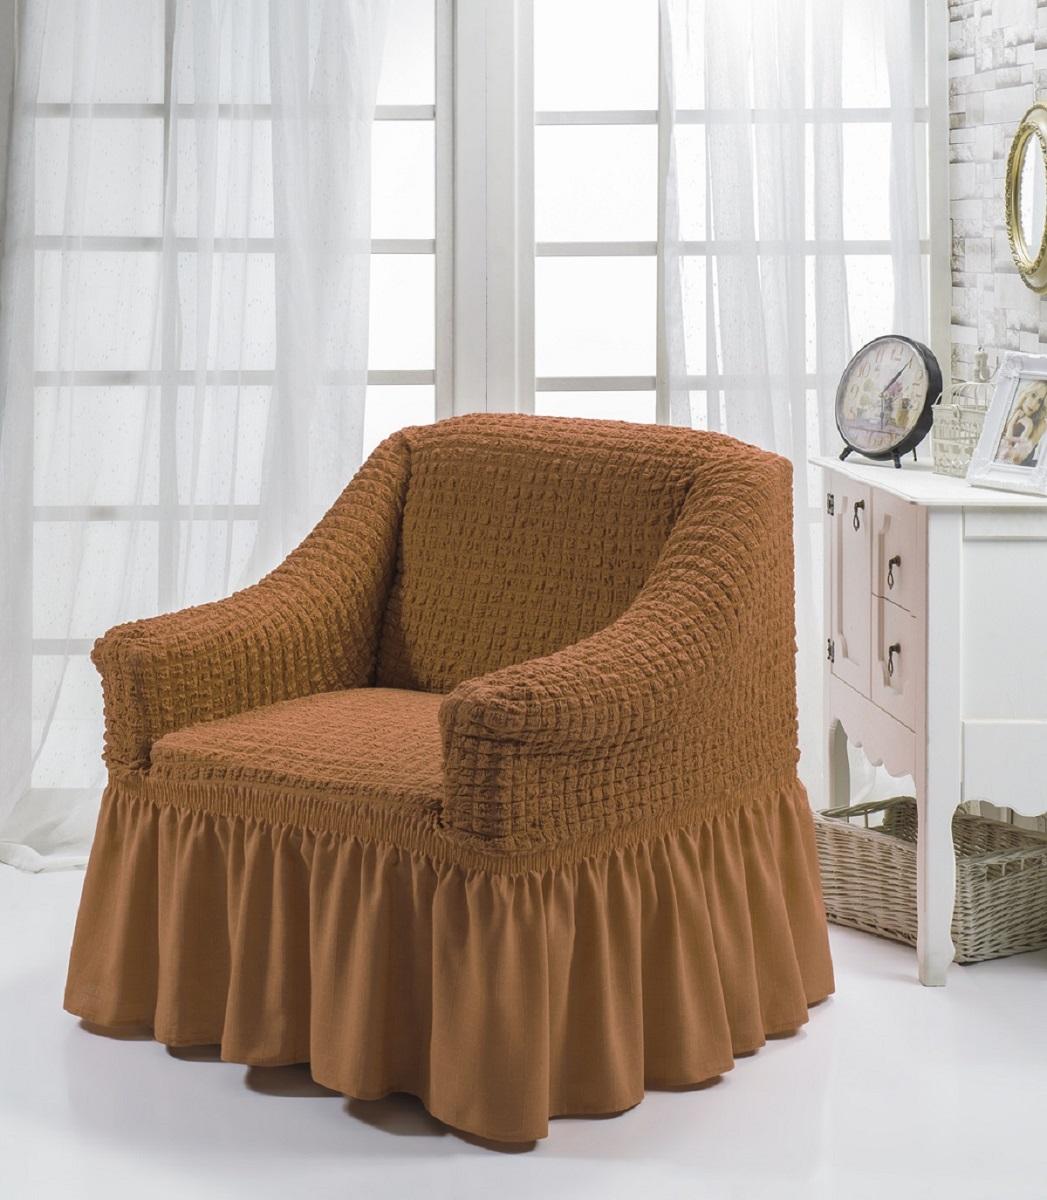 Чехол для кресла Karna Bulsan, цвет: кирпичный1797/CHAR006Универсальный чехол для кресла Karna Bulsan изготовлен из высококачественного материала на основе полиэстера и хлопка и дополнен широкой юбкой, скрывающей низ мебели. Изделие оснащено фиксаторами, которые позволяют надежно закрепить чехол на мебели. Фиксаторы вставляются в расстояние между спинкой и сиденьем, фиксируя чехол в одном положении, и не позволяя ему съезжать и терять форму. Фиксаторы особенно необходимы в том случае, если у вас кожаная мебель или мебель нестандартных габаритов. Характеристики:Плотность: 360 гр/м2. Ширина и глубина посадочного места: 70-80 см.Высота спинки от посадочного места: 70-80 см.Высота подлокотников: 35-45 см.Ширина подлокотников: 25-35 см.Высота юбки: 35 см.